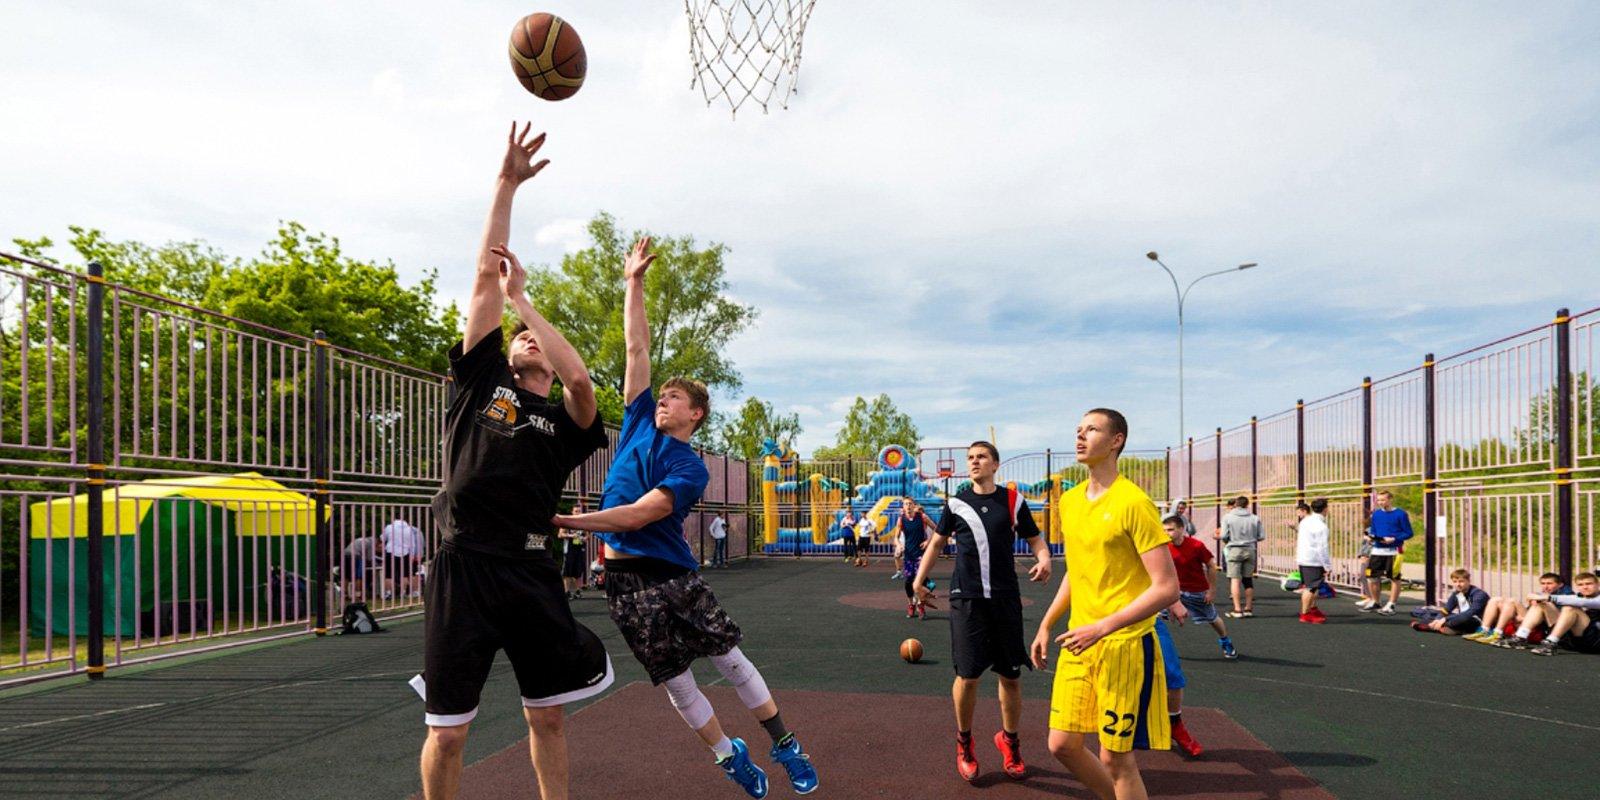 Отборочный этап по стритболу состоится в Сосенском